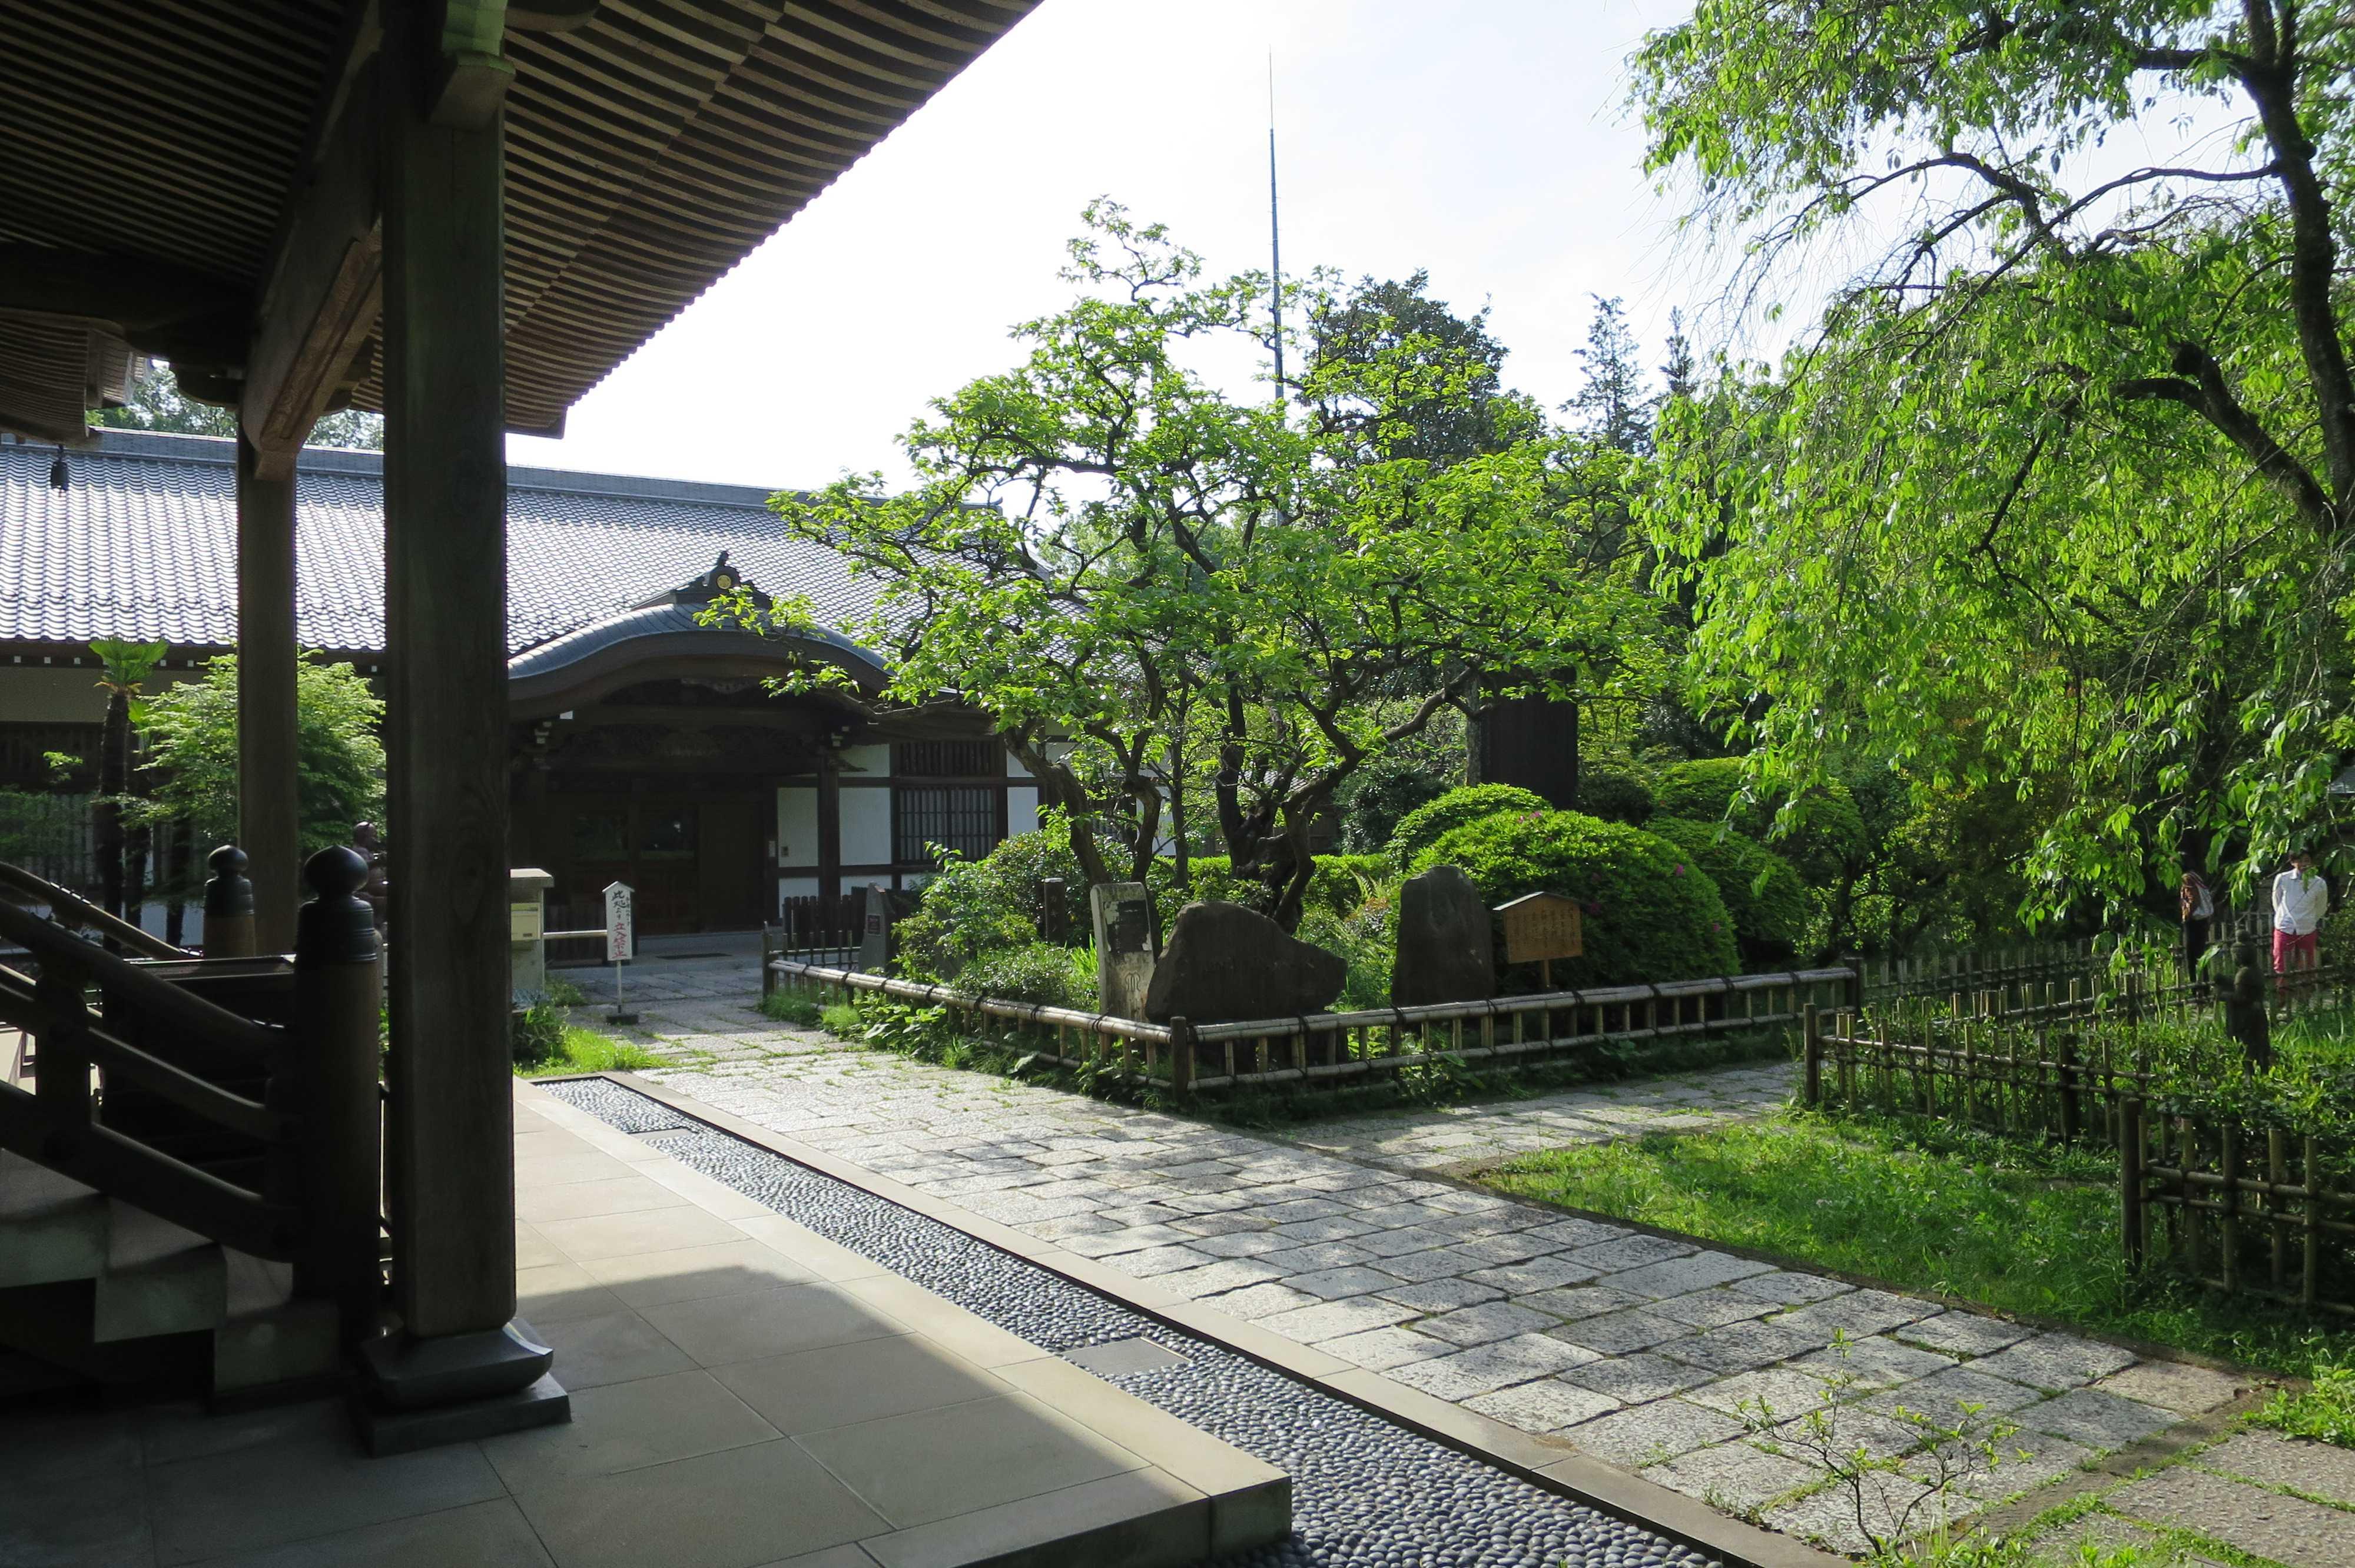 日本最古の甘柿「禅寺丸柿(ぜんじまるがき)」の原木